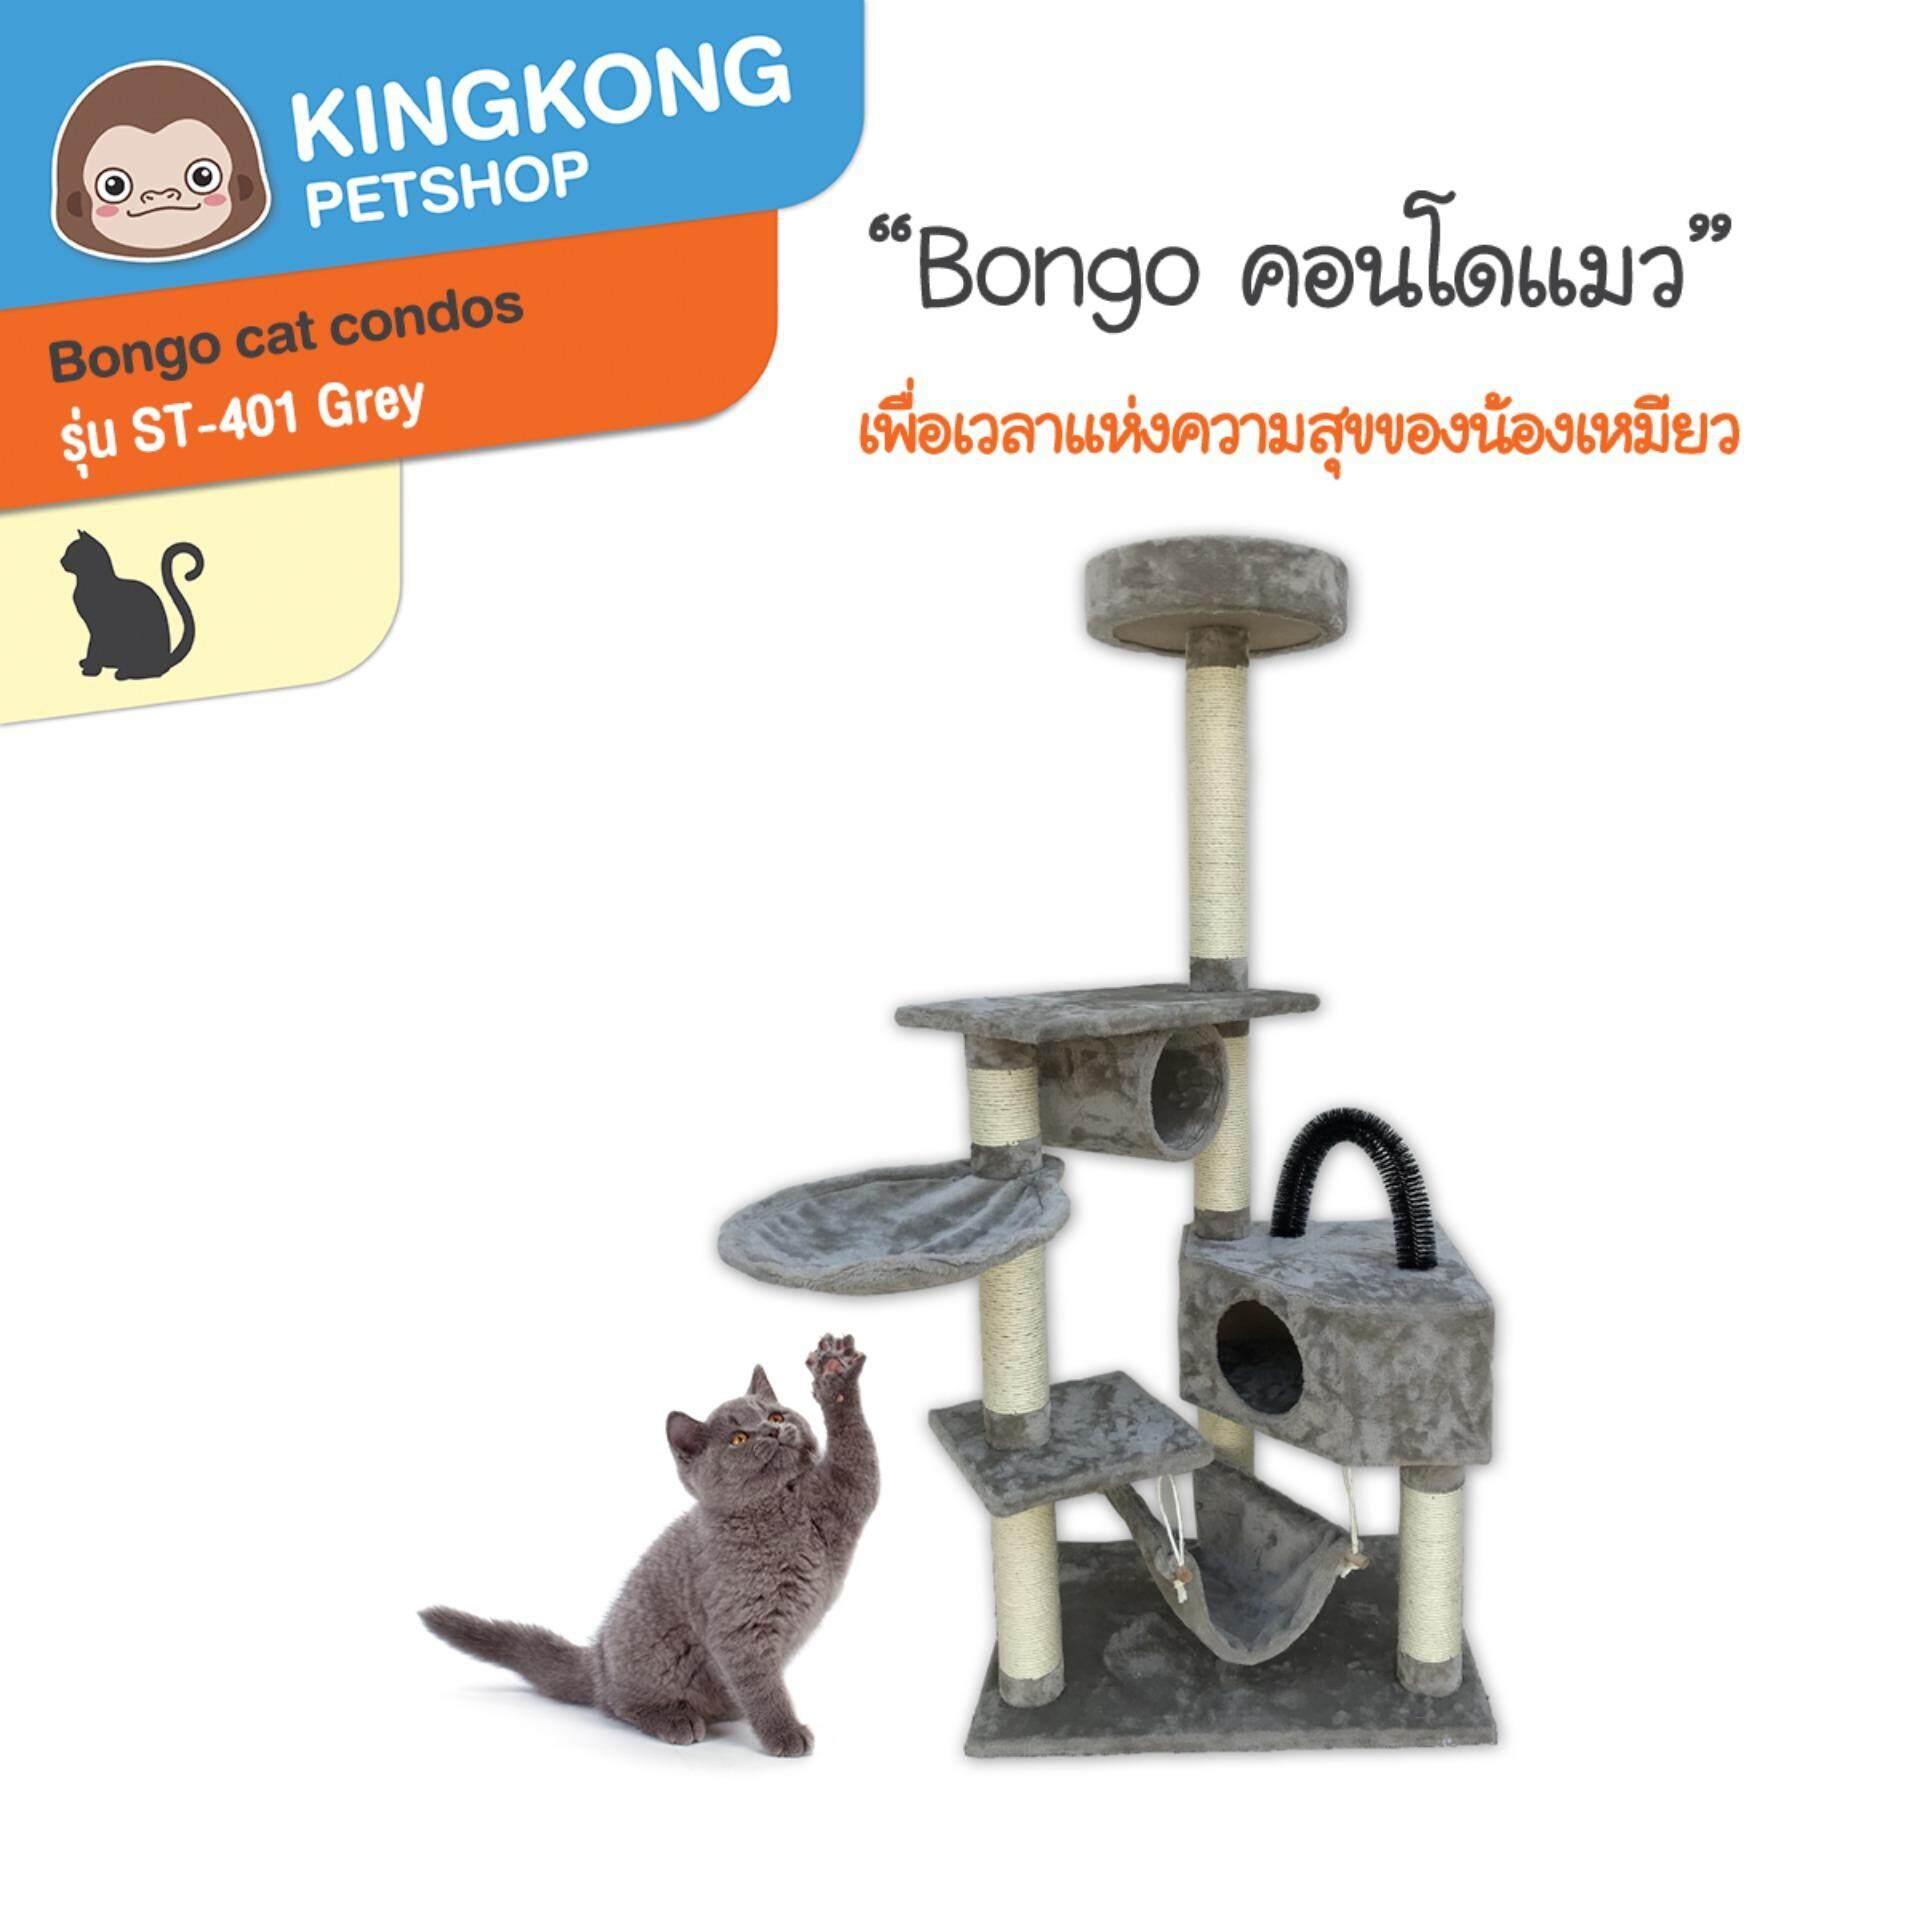 คอนโดแมว Bongo Cat Tree รุ่น 80266 Grey ถูก